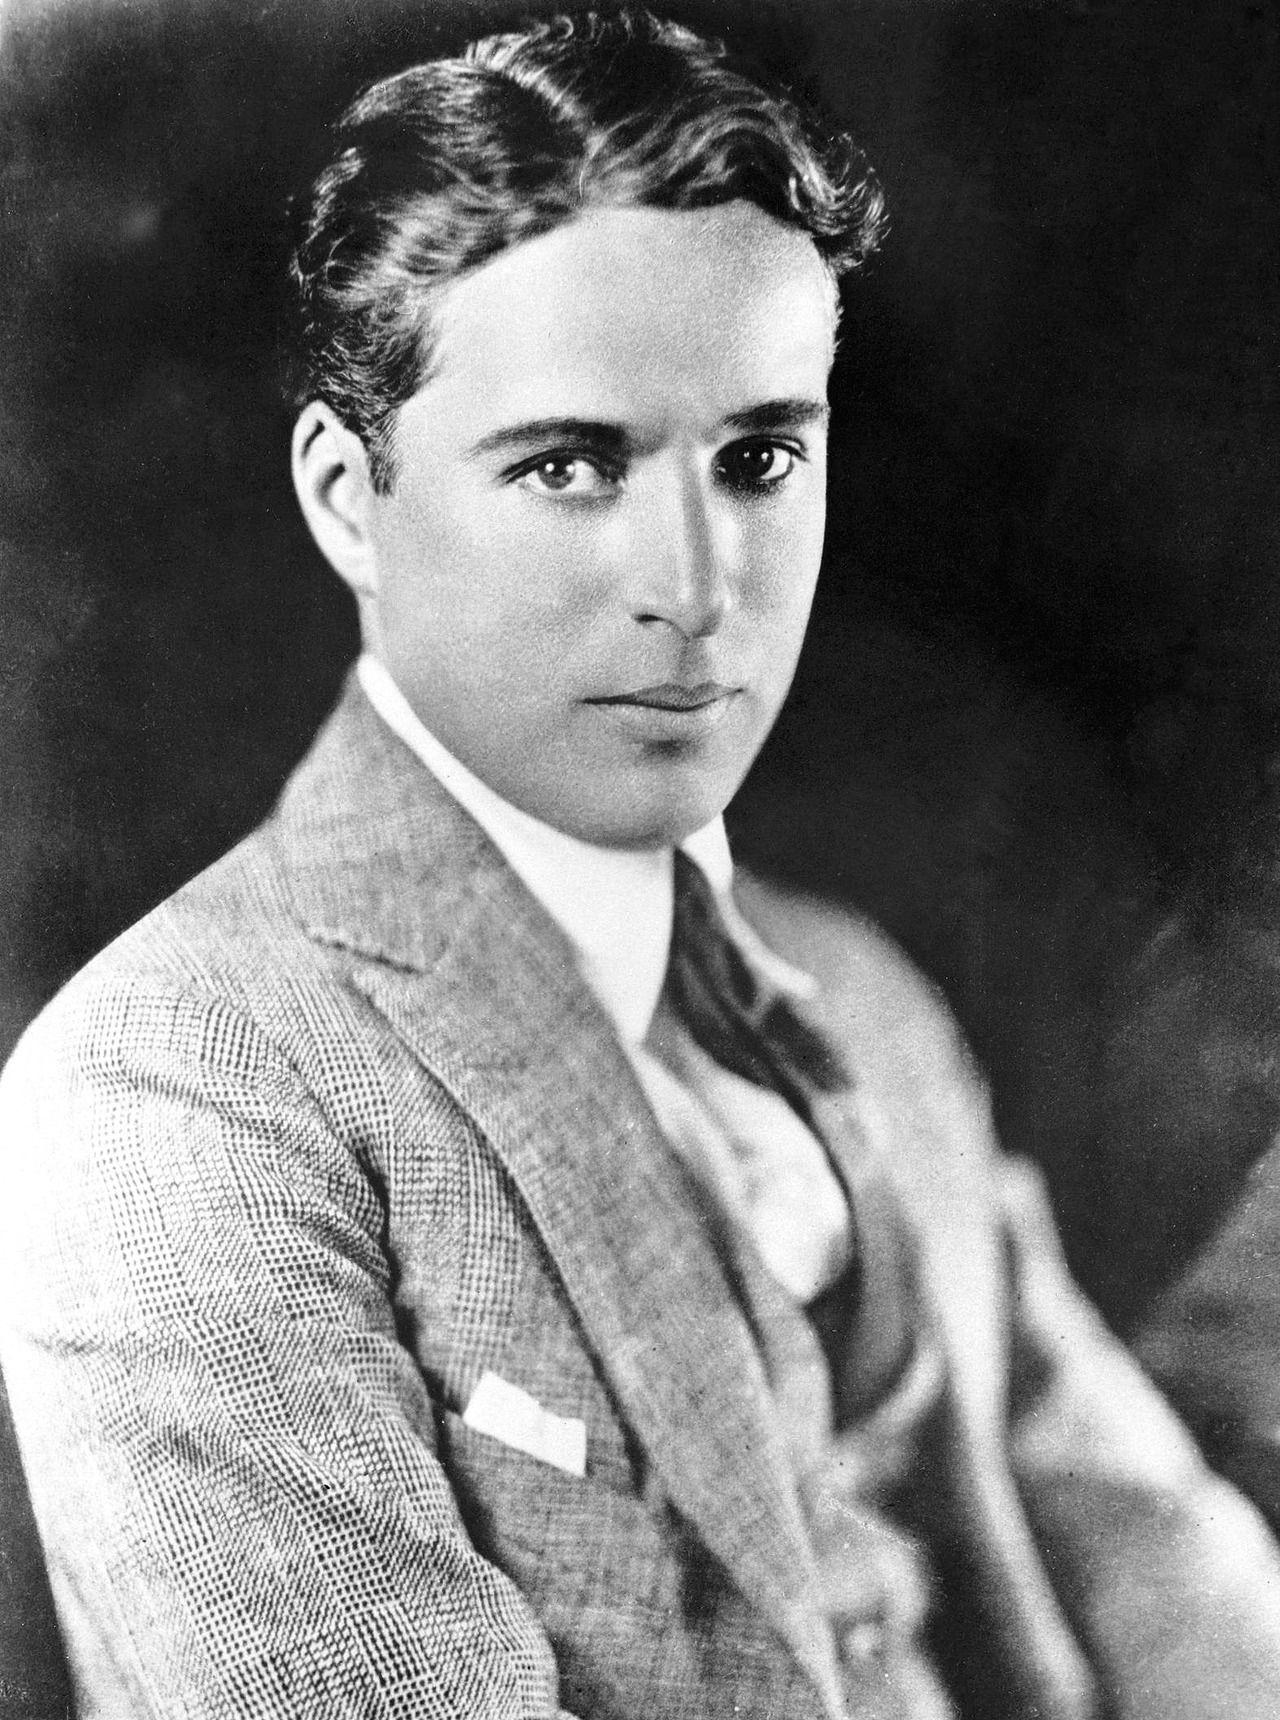 Charlie Chaplin was a ...